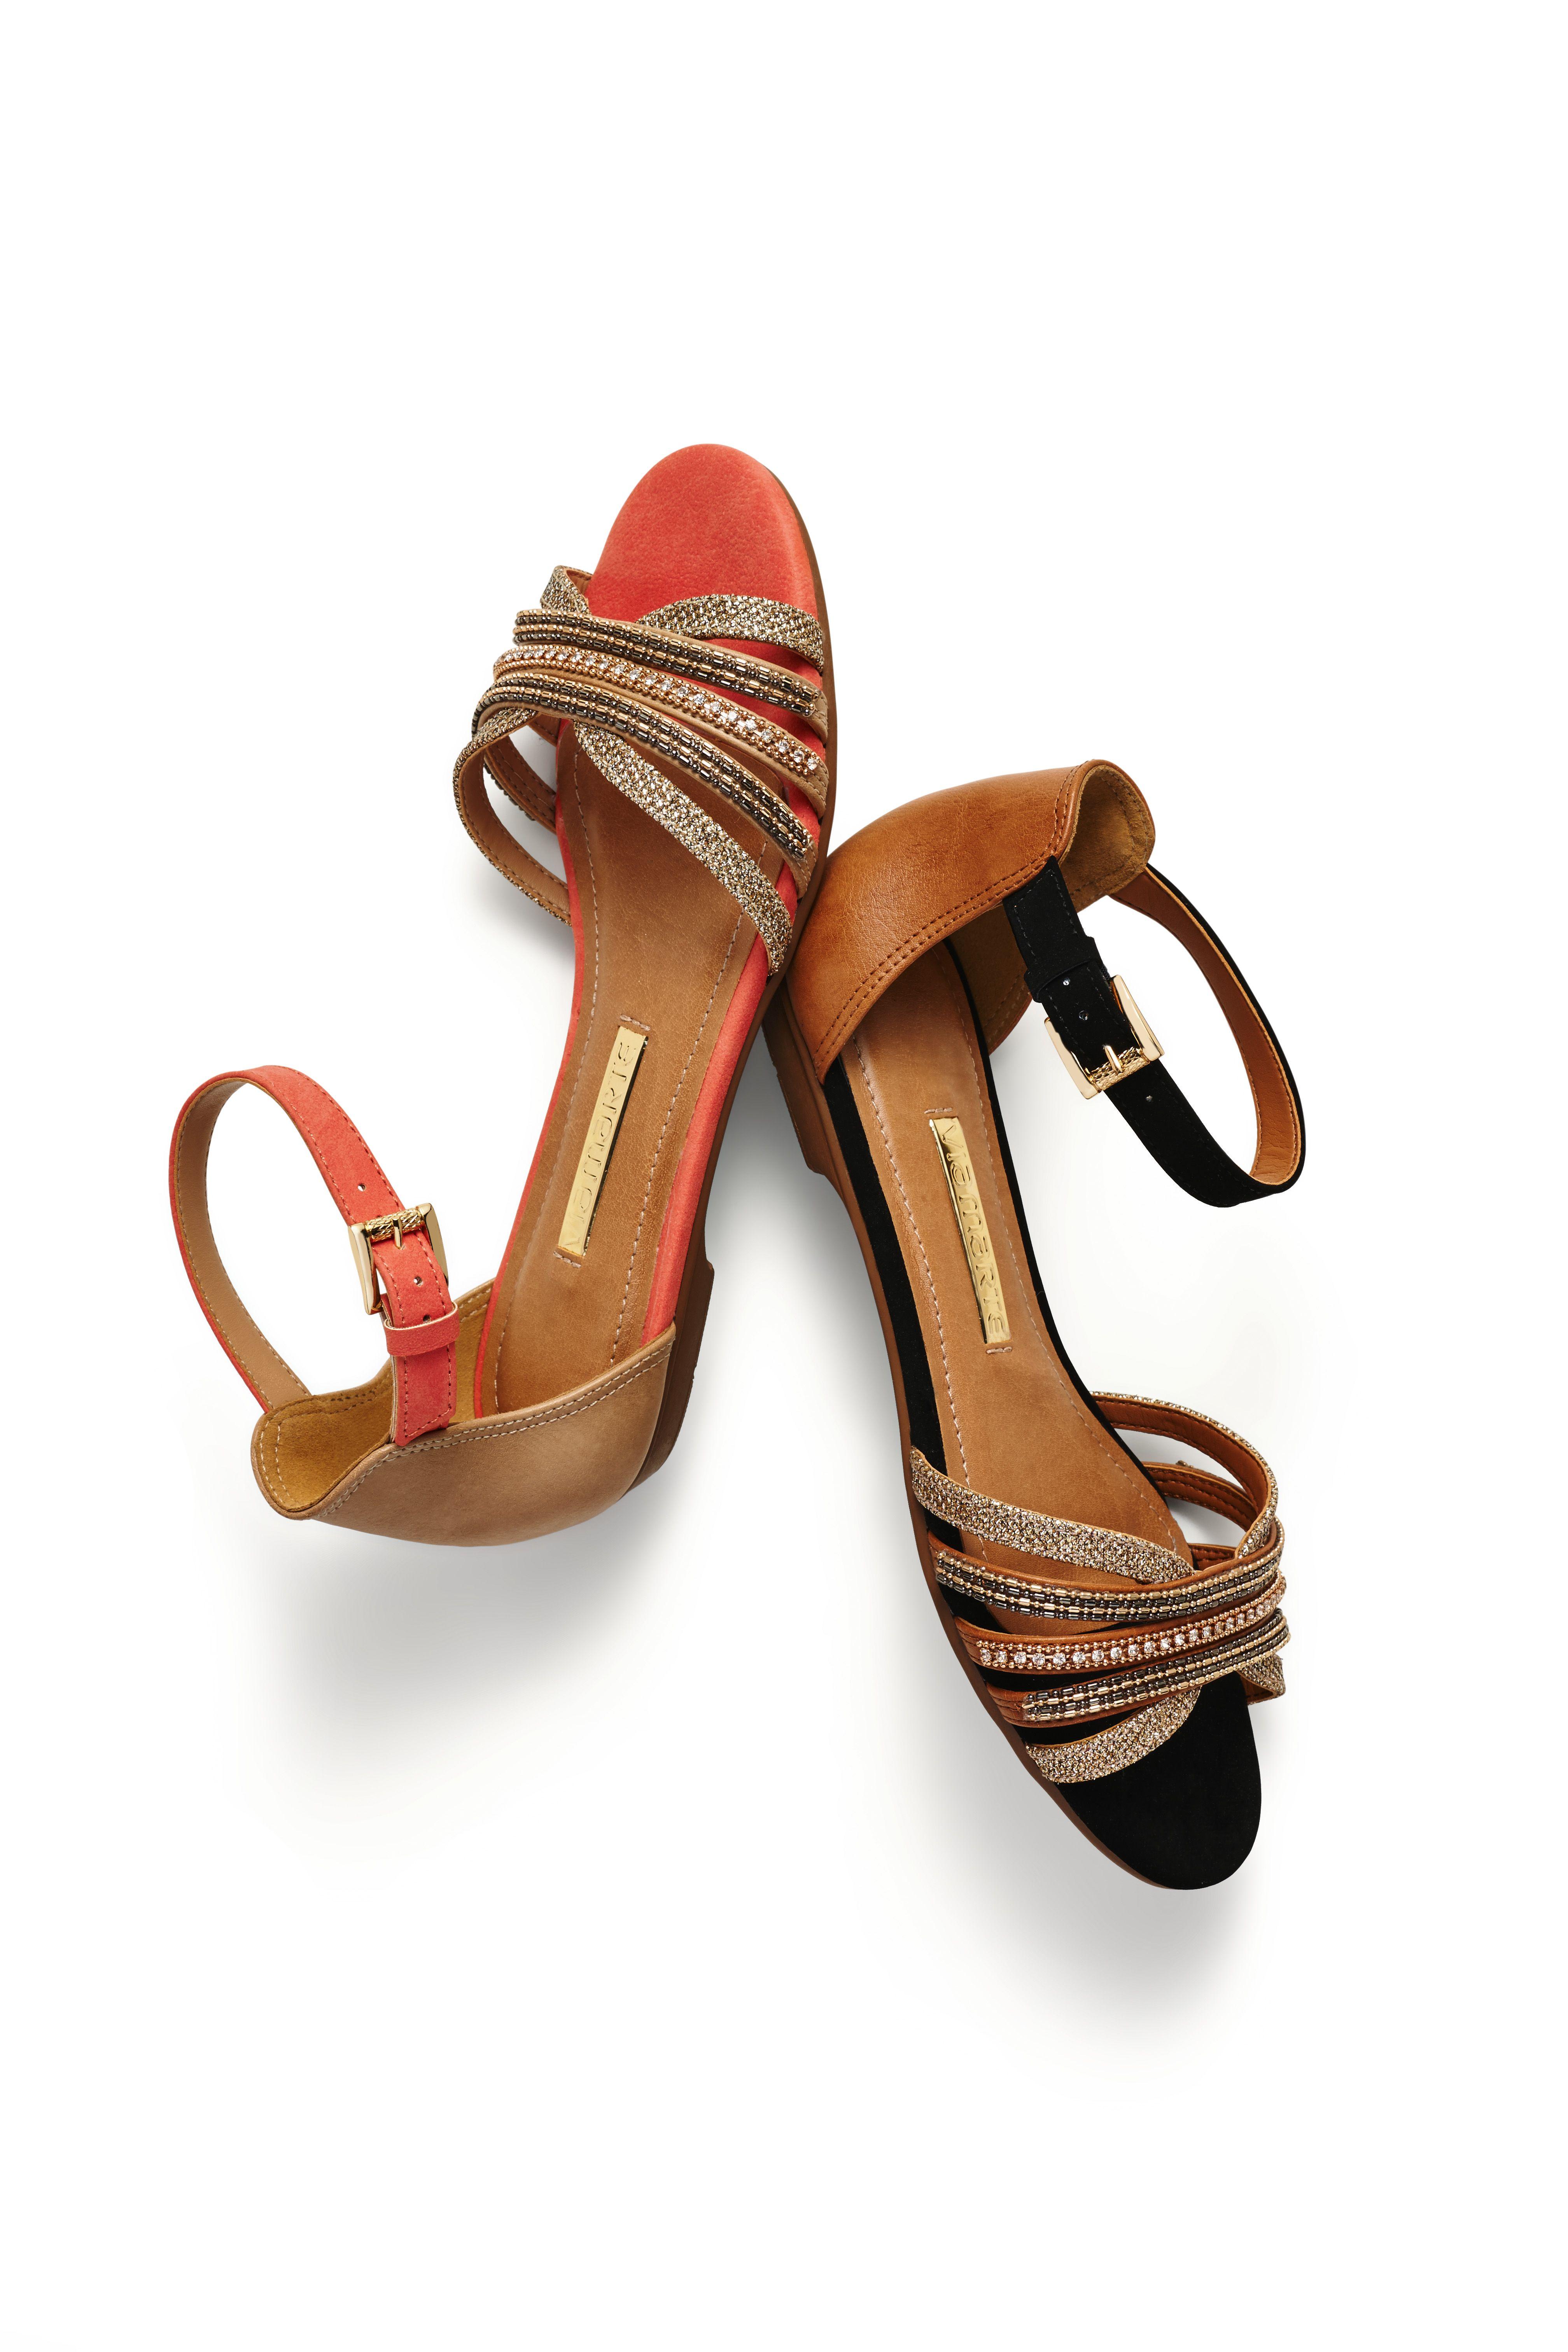 607e8754f sandália rasteira - colors - cores - preto - brilho - sapatilha aberta -  Ref. 15-12206